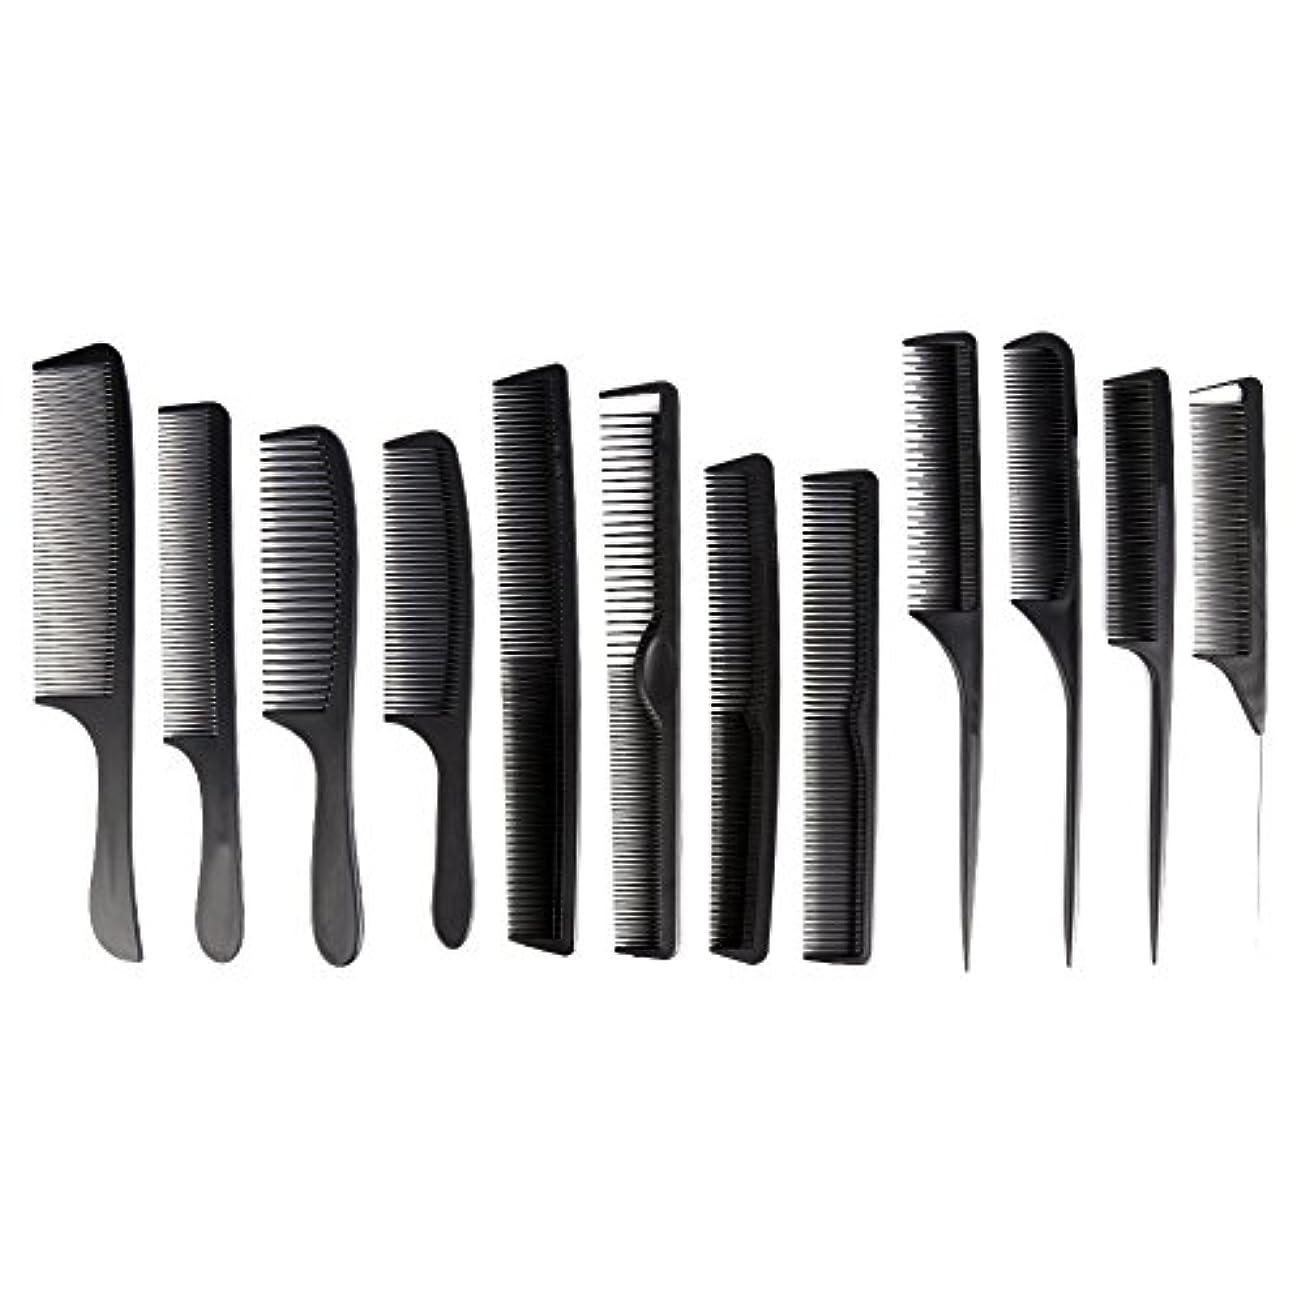 仕えるの前で忌避剤カットコーム 散髪用コーム コームセット12点セット プロ用ヘアコーム  静電気減少 軽量 サロン/美容室/床屋など適用